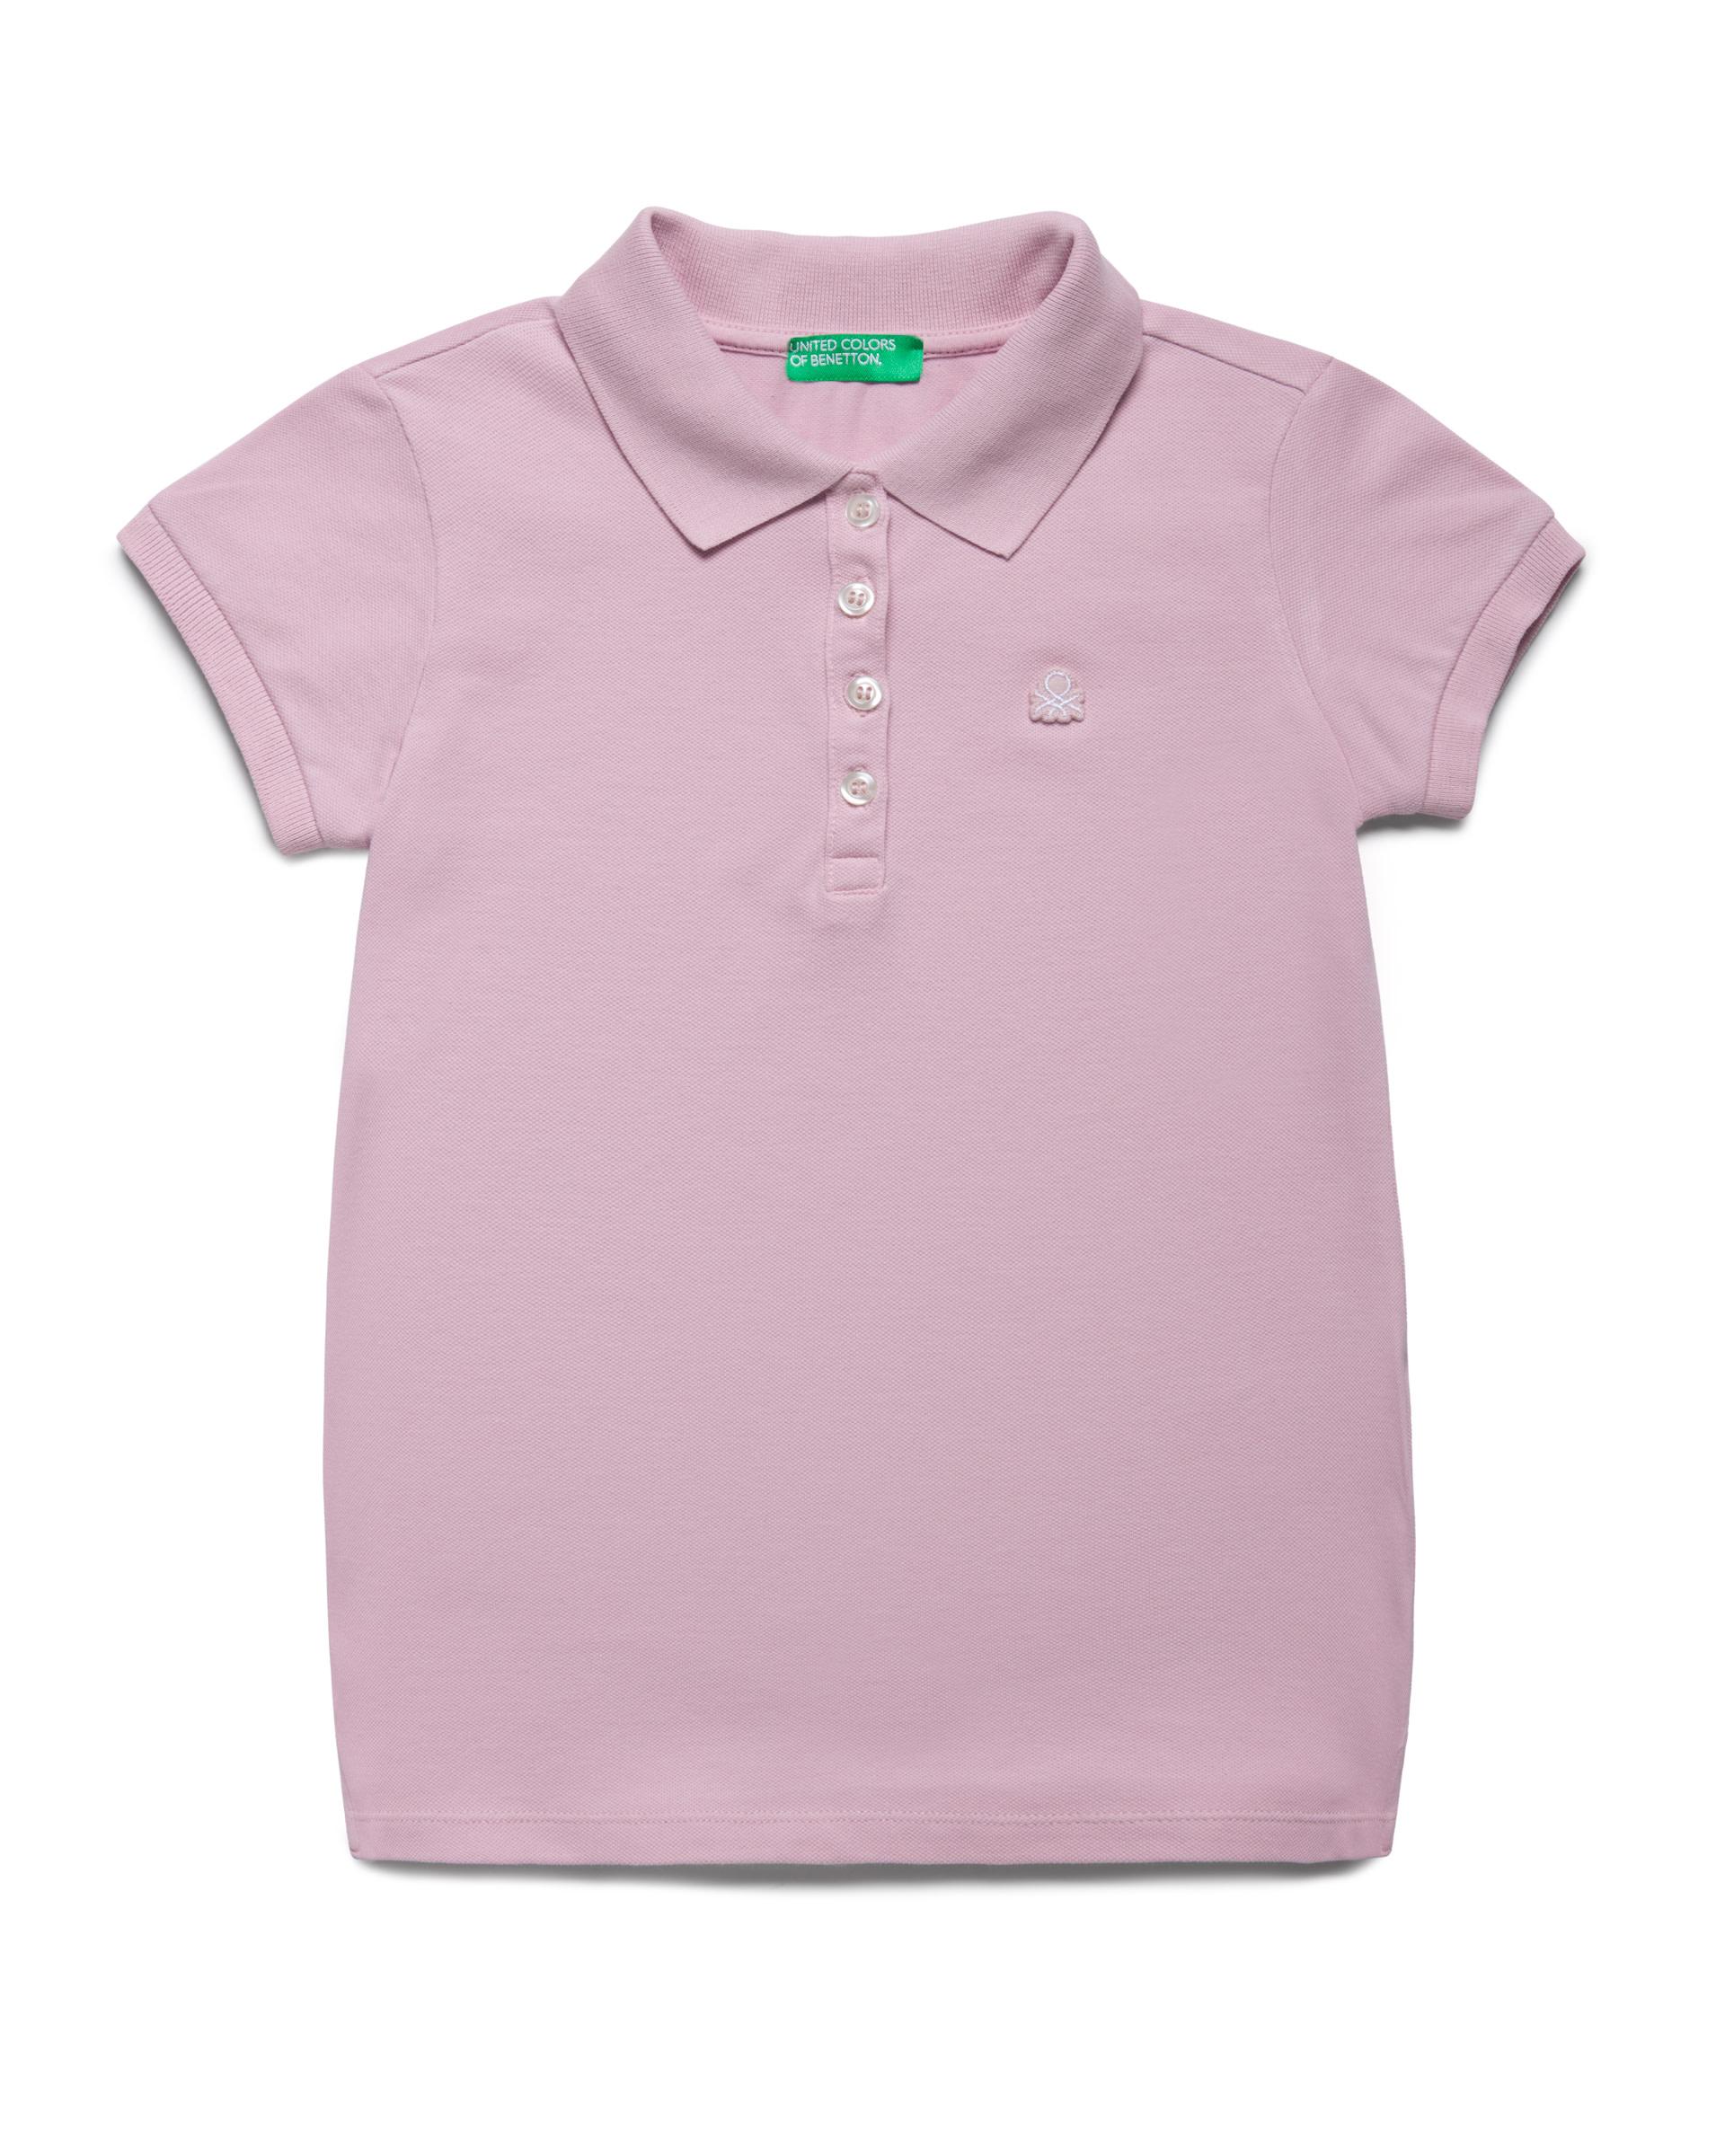 Купить 20P_3WG9C3092_07M, Поло-пике для девочек Benetton 3WG9C3092_07M р-р 128, United Colors of Benetton, Детские футболки